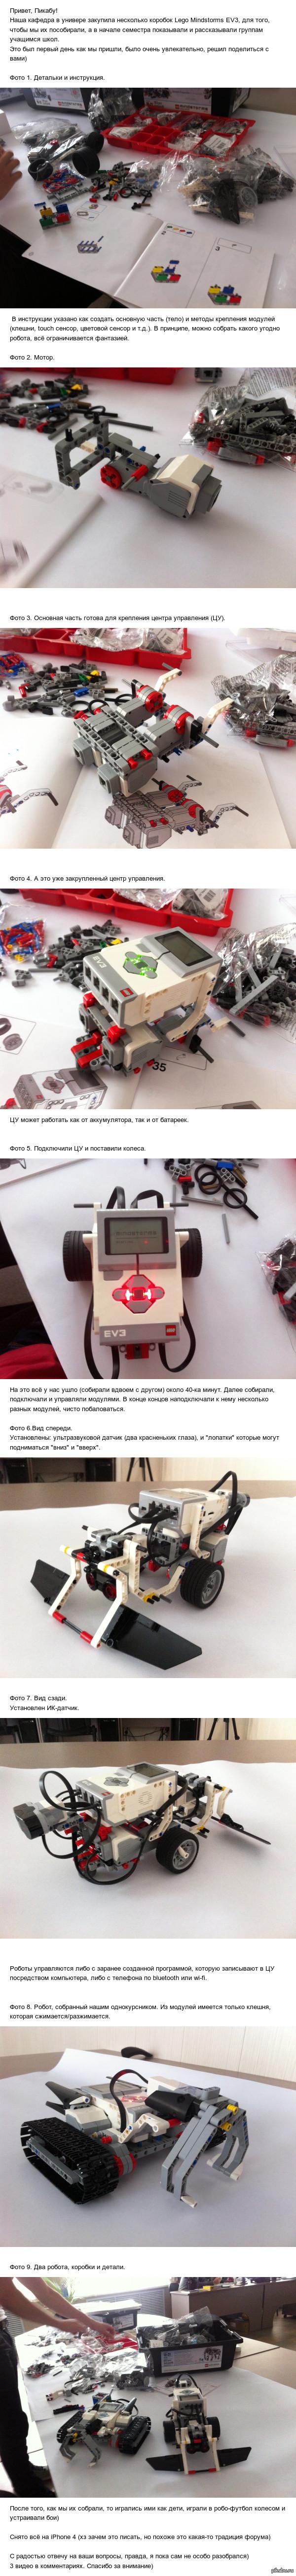 Lego Mindstorms EV3 Ссылки на видео в комментах.